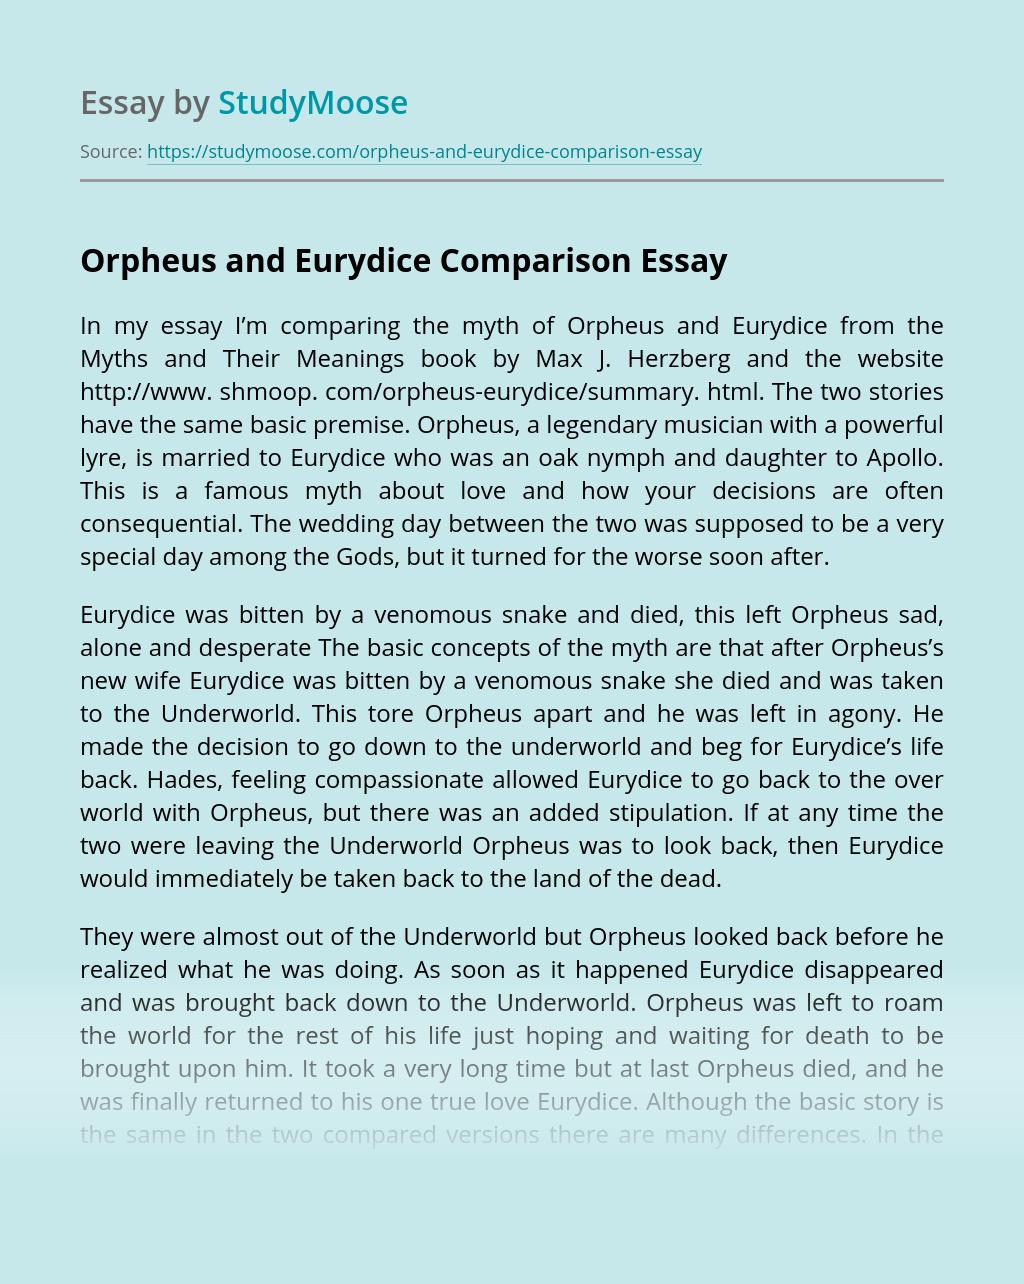 Orpheus and Eurydice Comparison